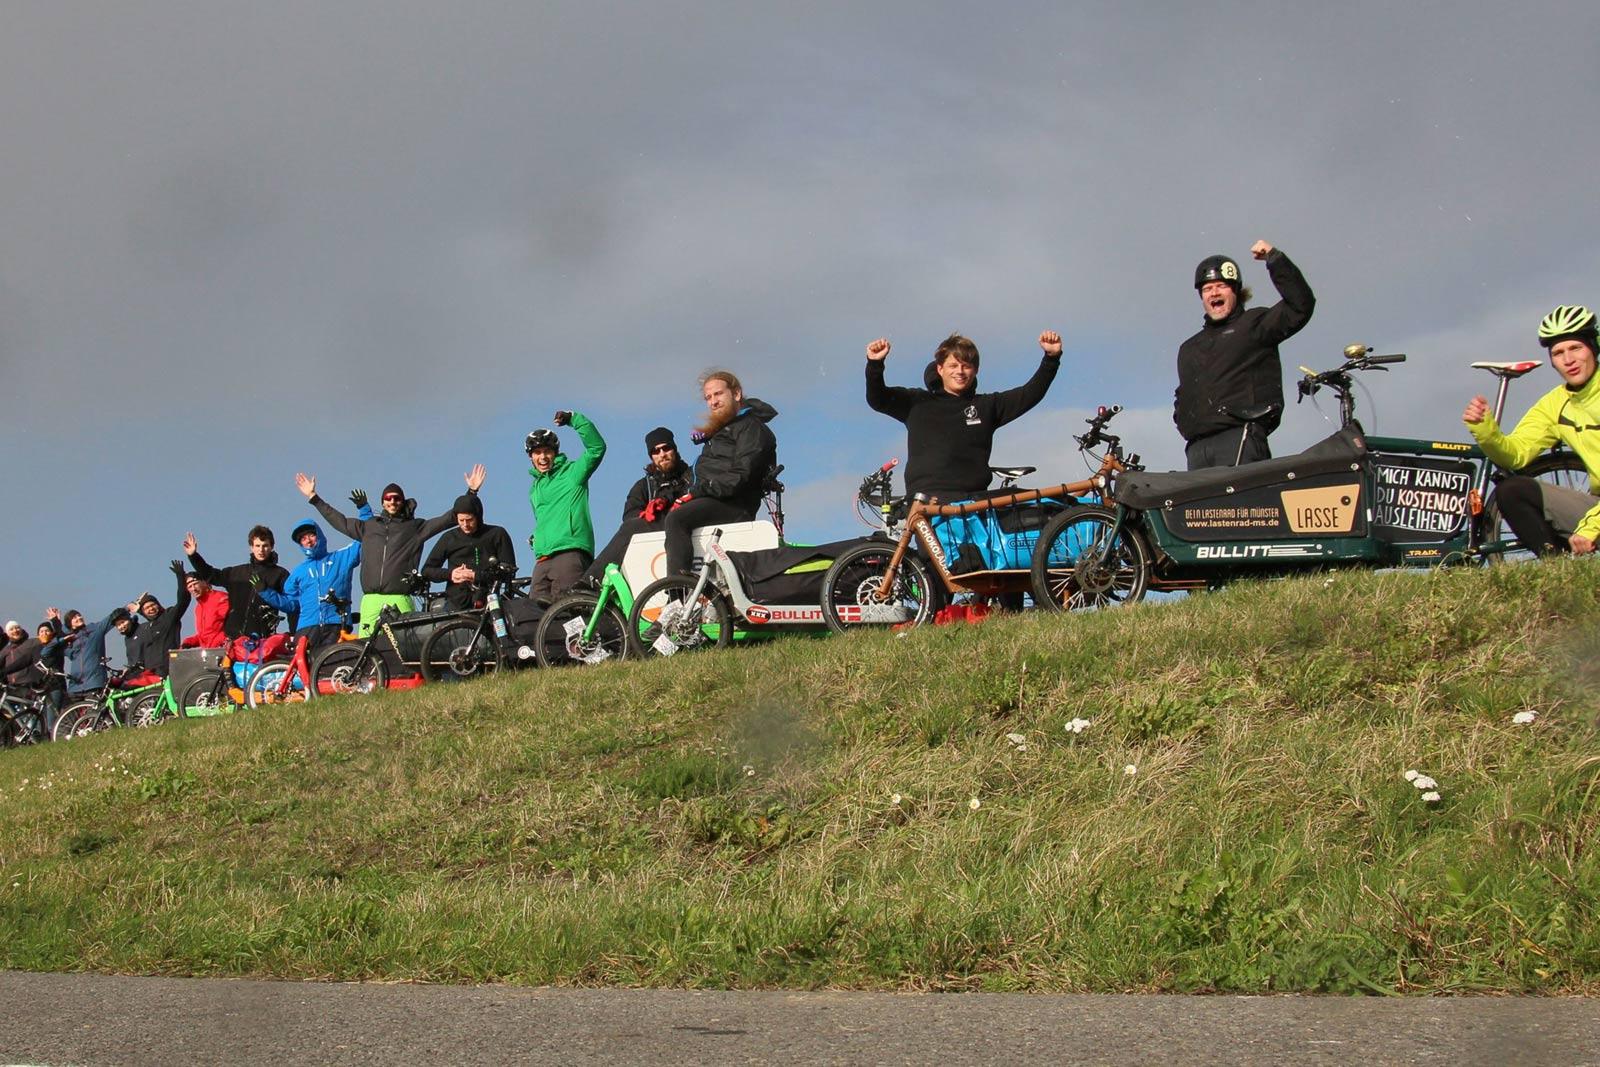 Eine Menschengruppe mit erhobenen Armen und Lastenrädern auf einem Grashügel.